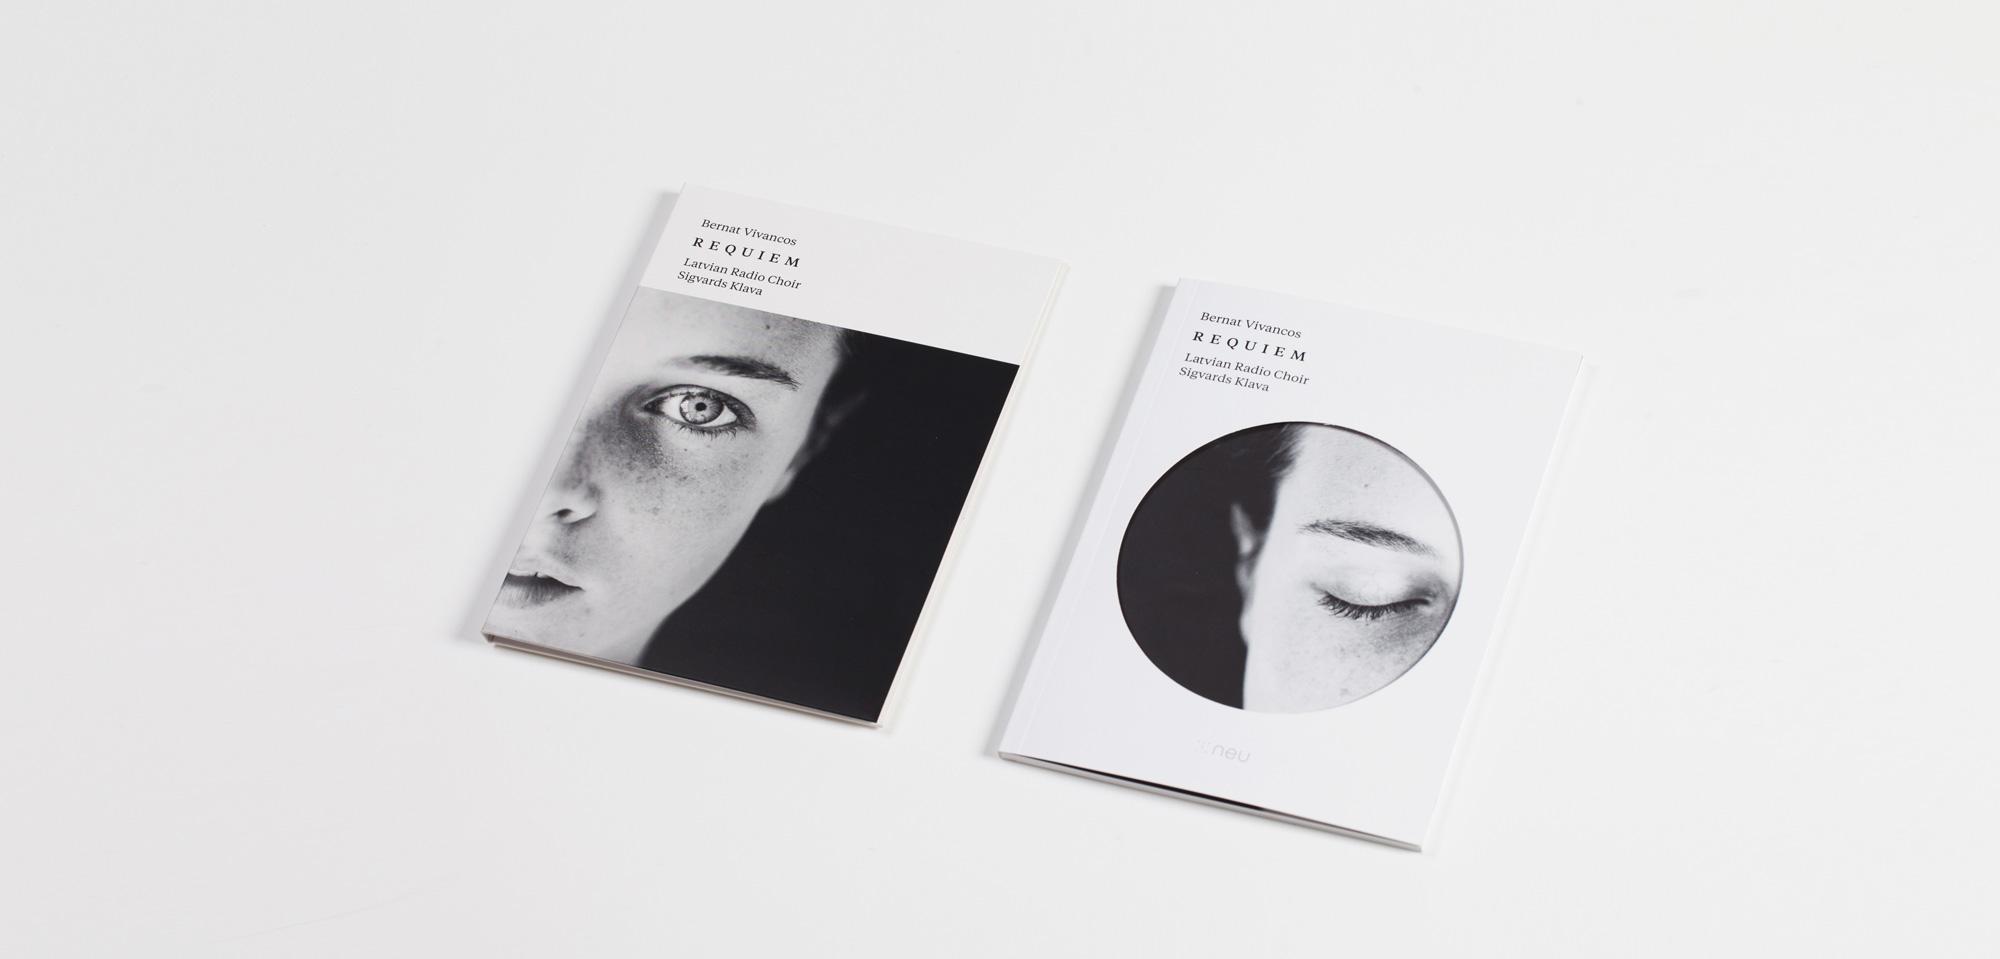 RequiemCDBook